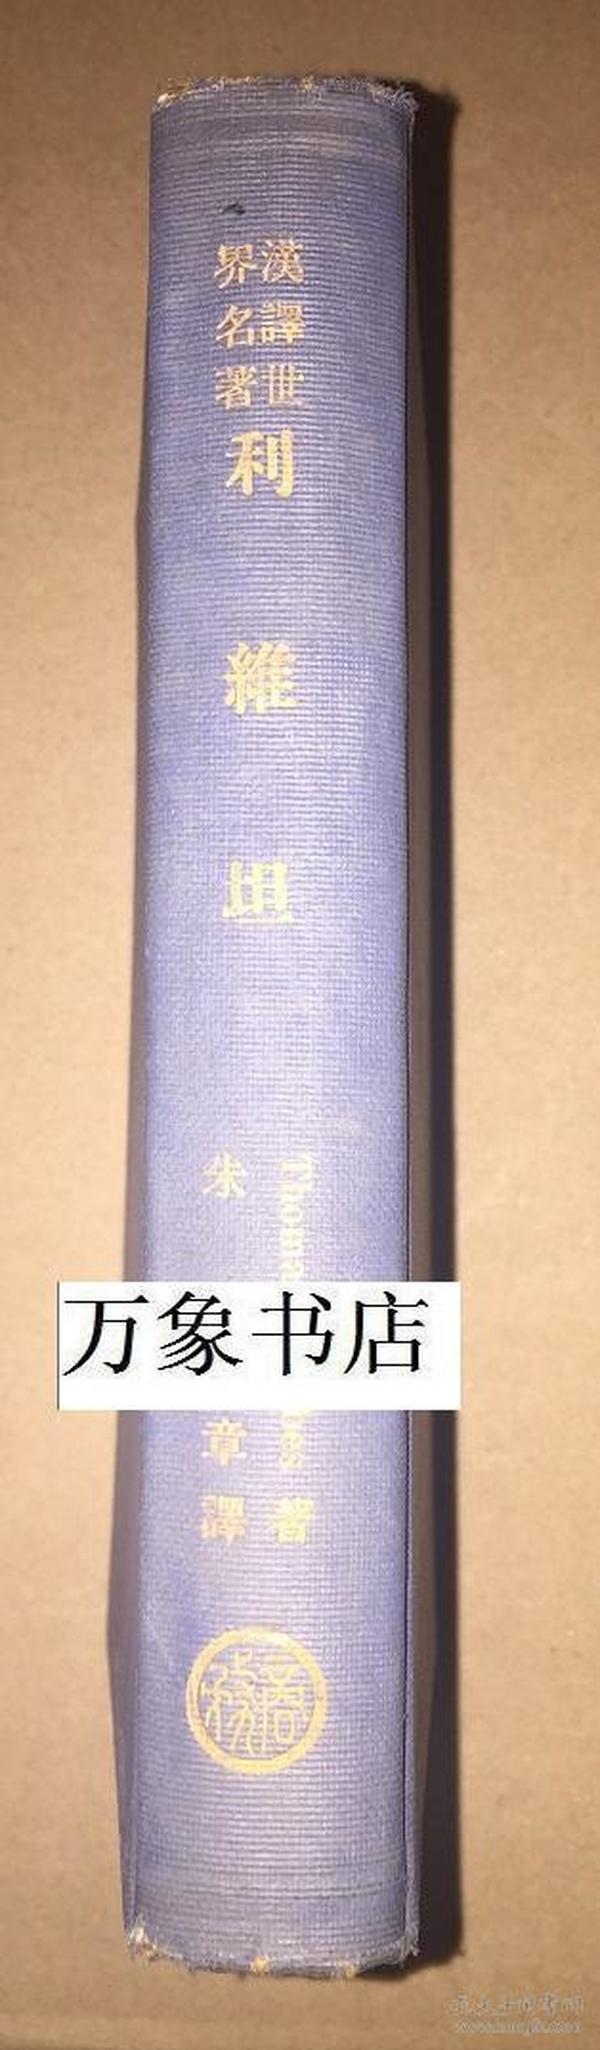 霍布斯    Hobbes :  利维坦  商务印书馆  汉译世界名著   1934年初版   精装本